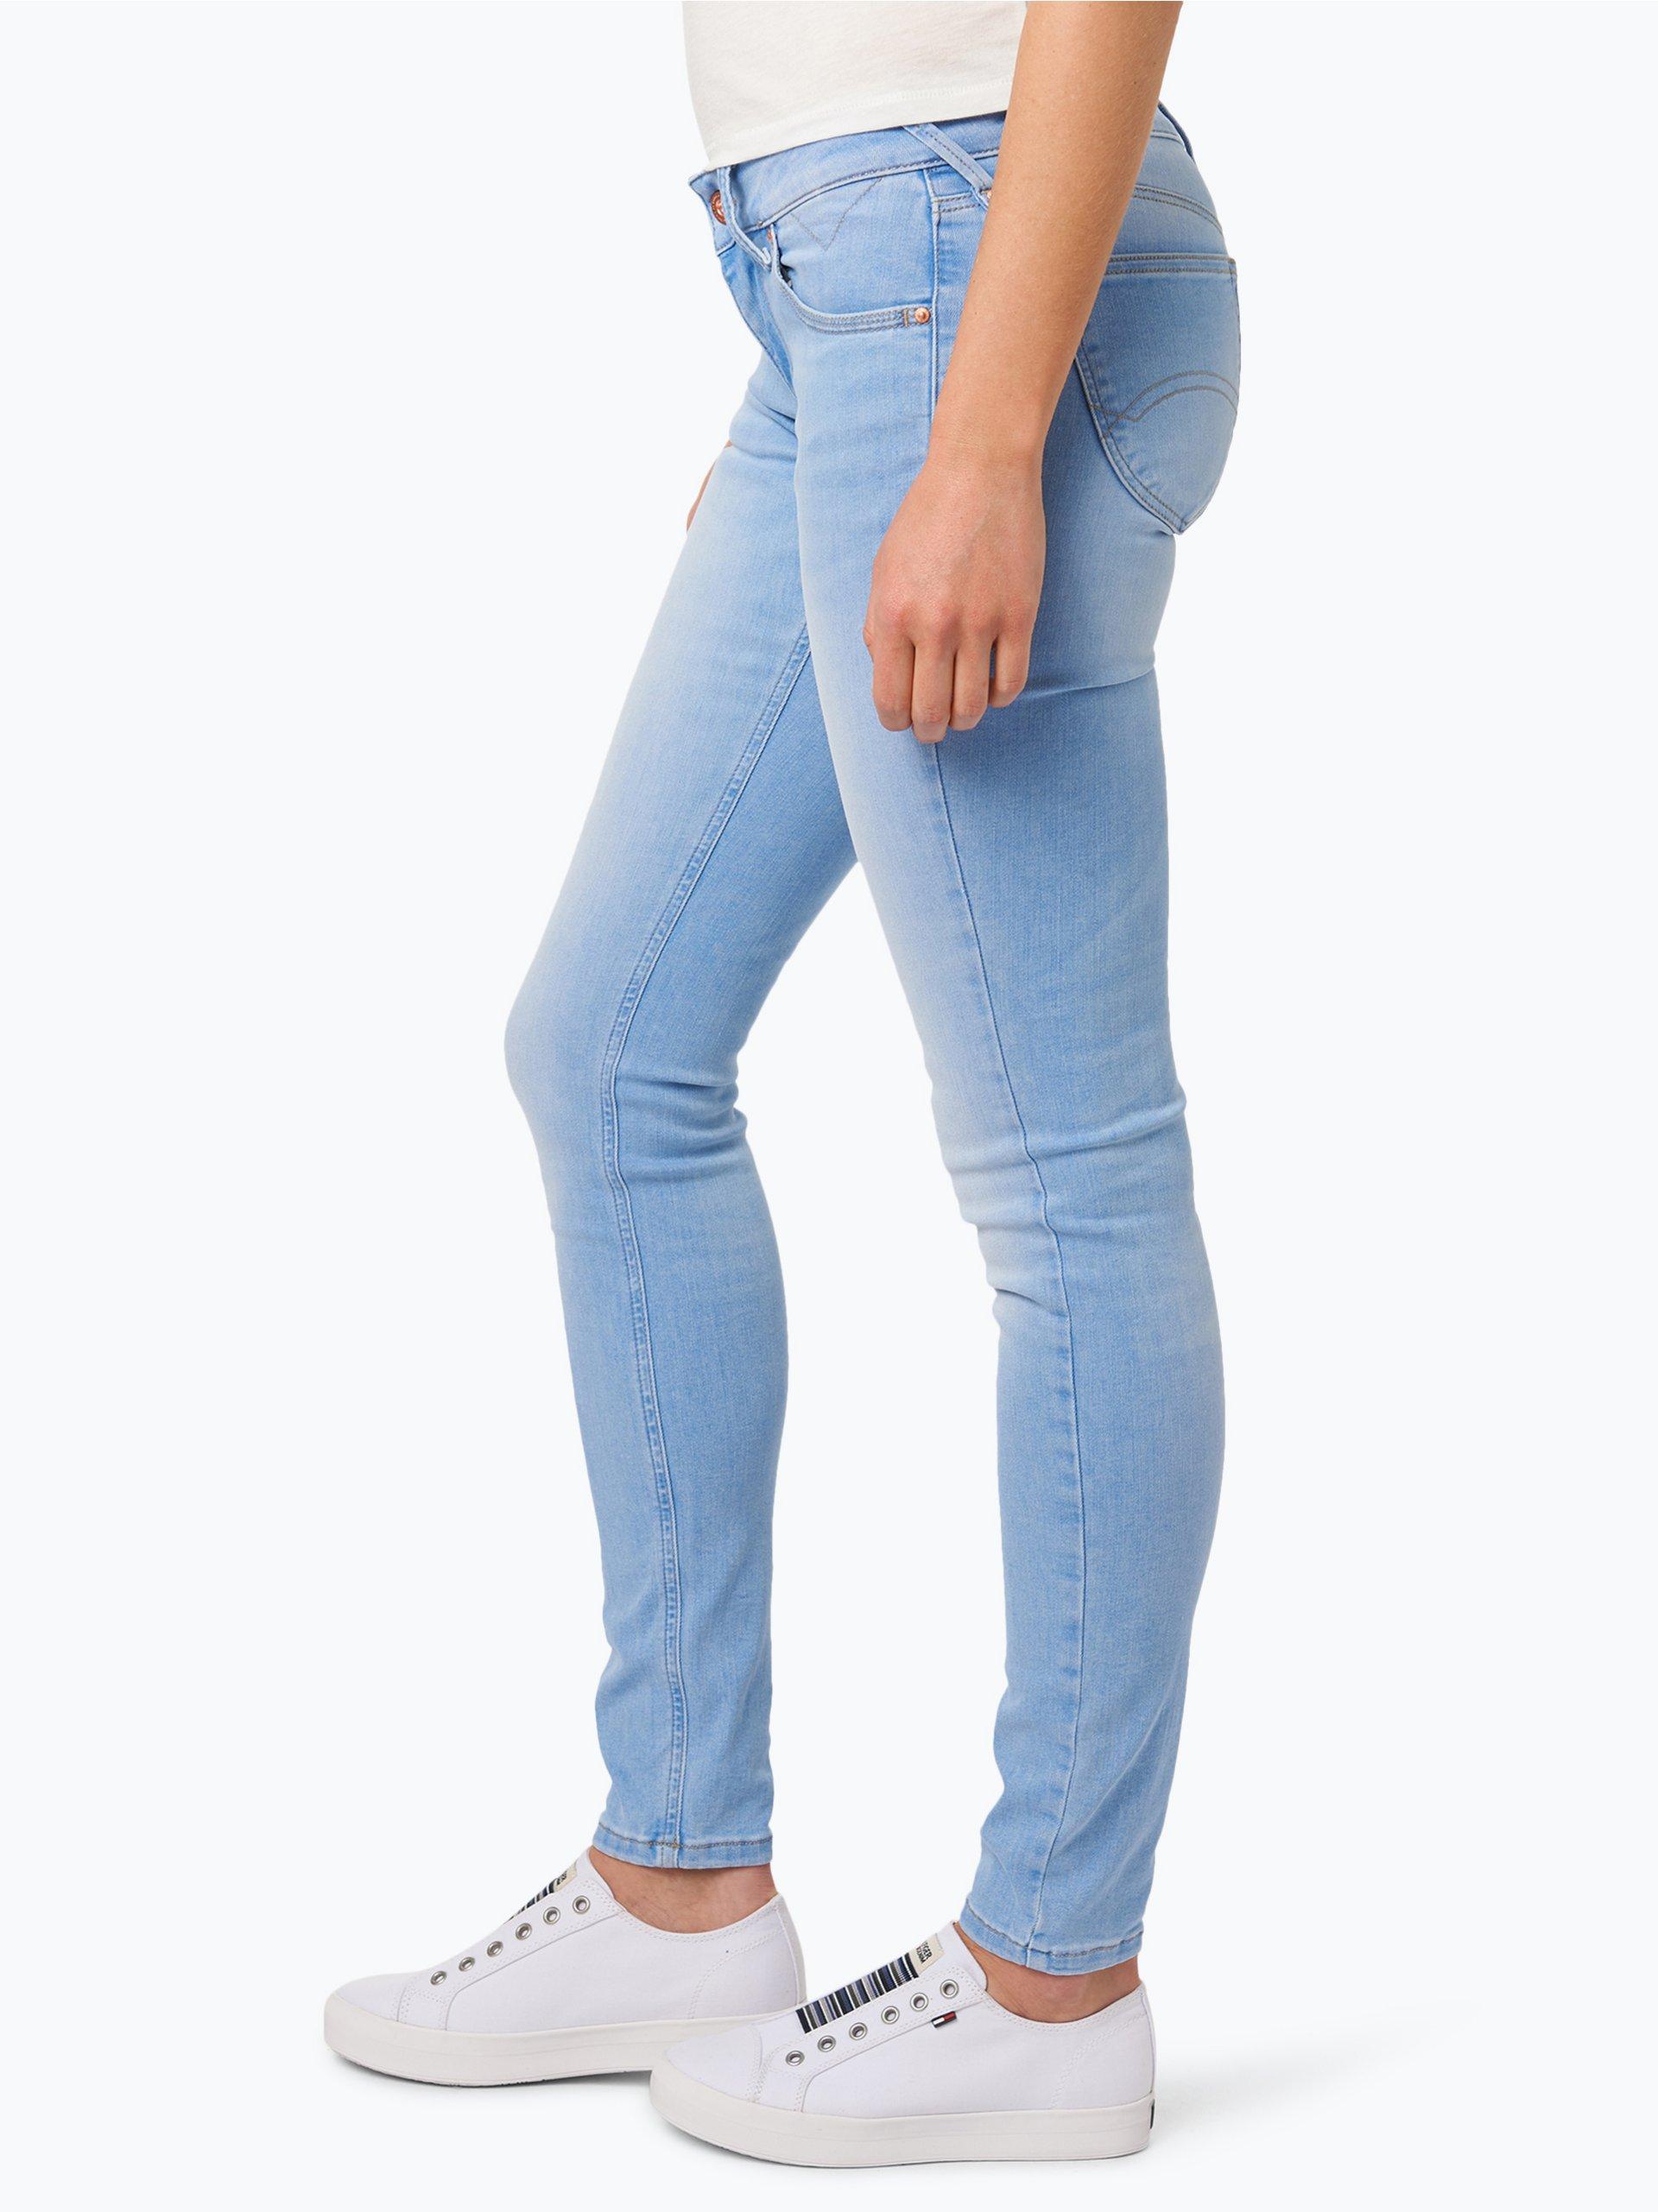 tommy jeans damen jeans sophie hellblau uni online. Black Bedroom Furniture Sets. Home Design Ideas